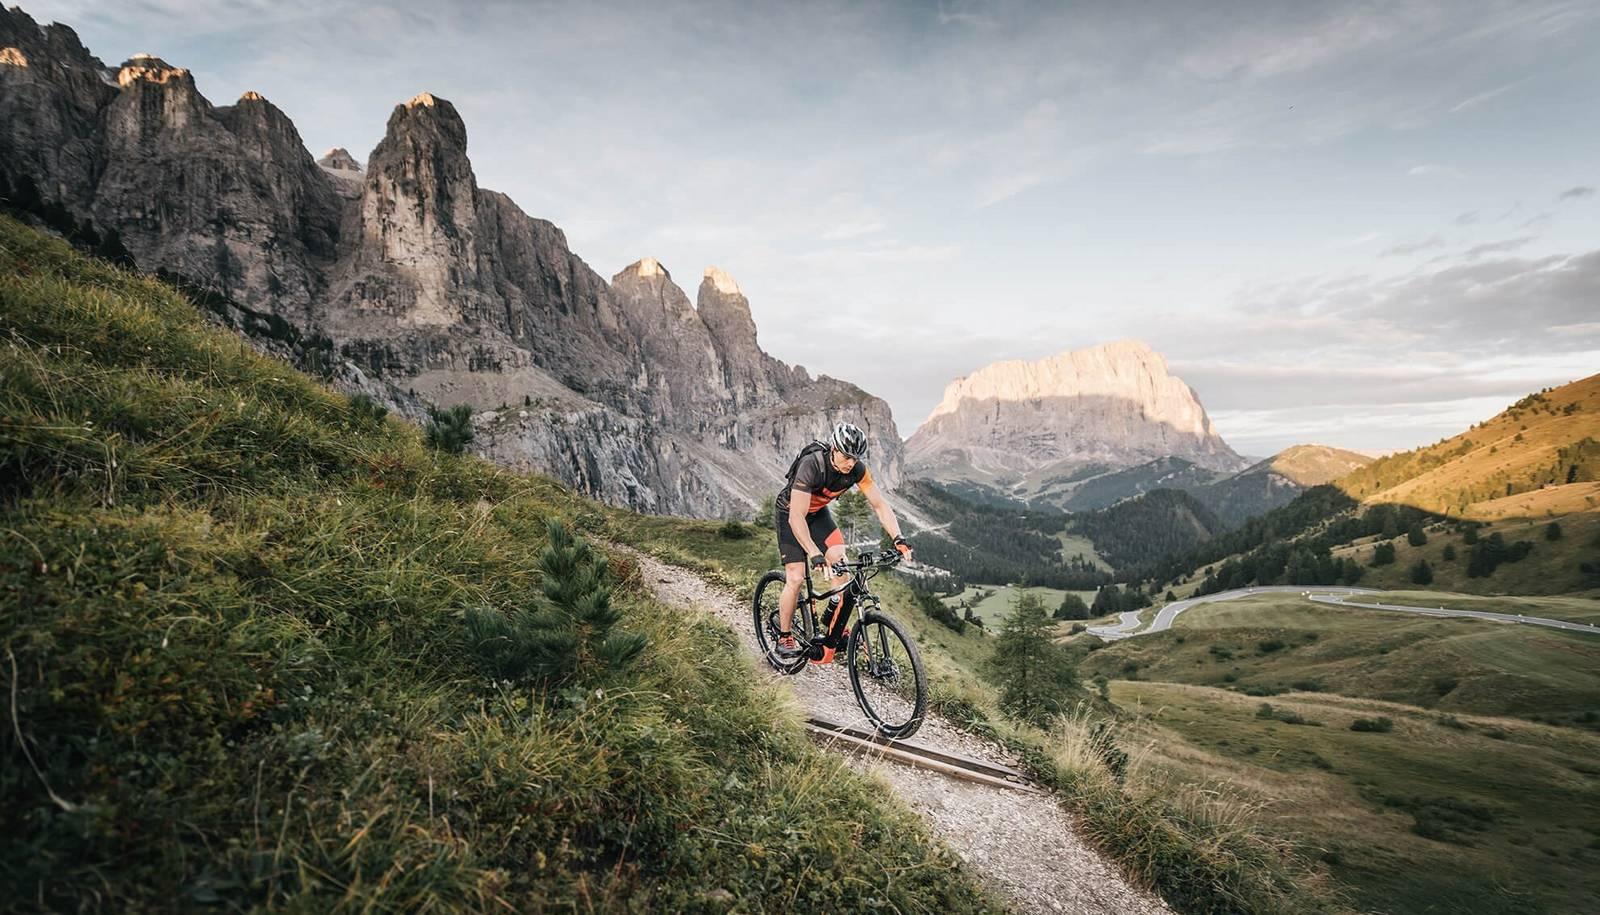 Ein Mountainbiker fährt den Trail hinunter.